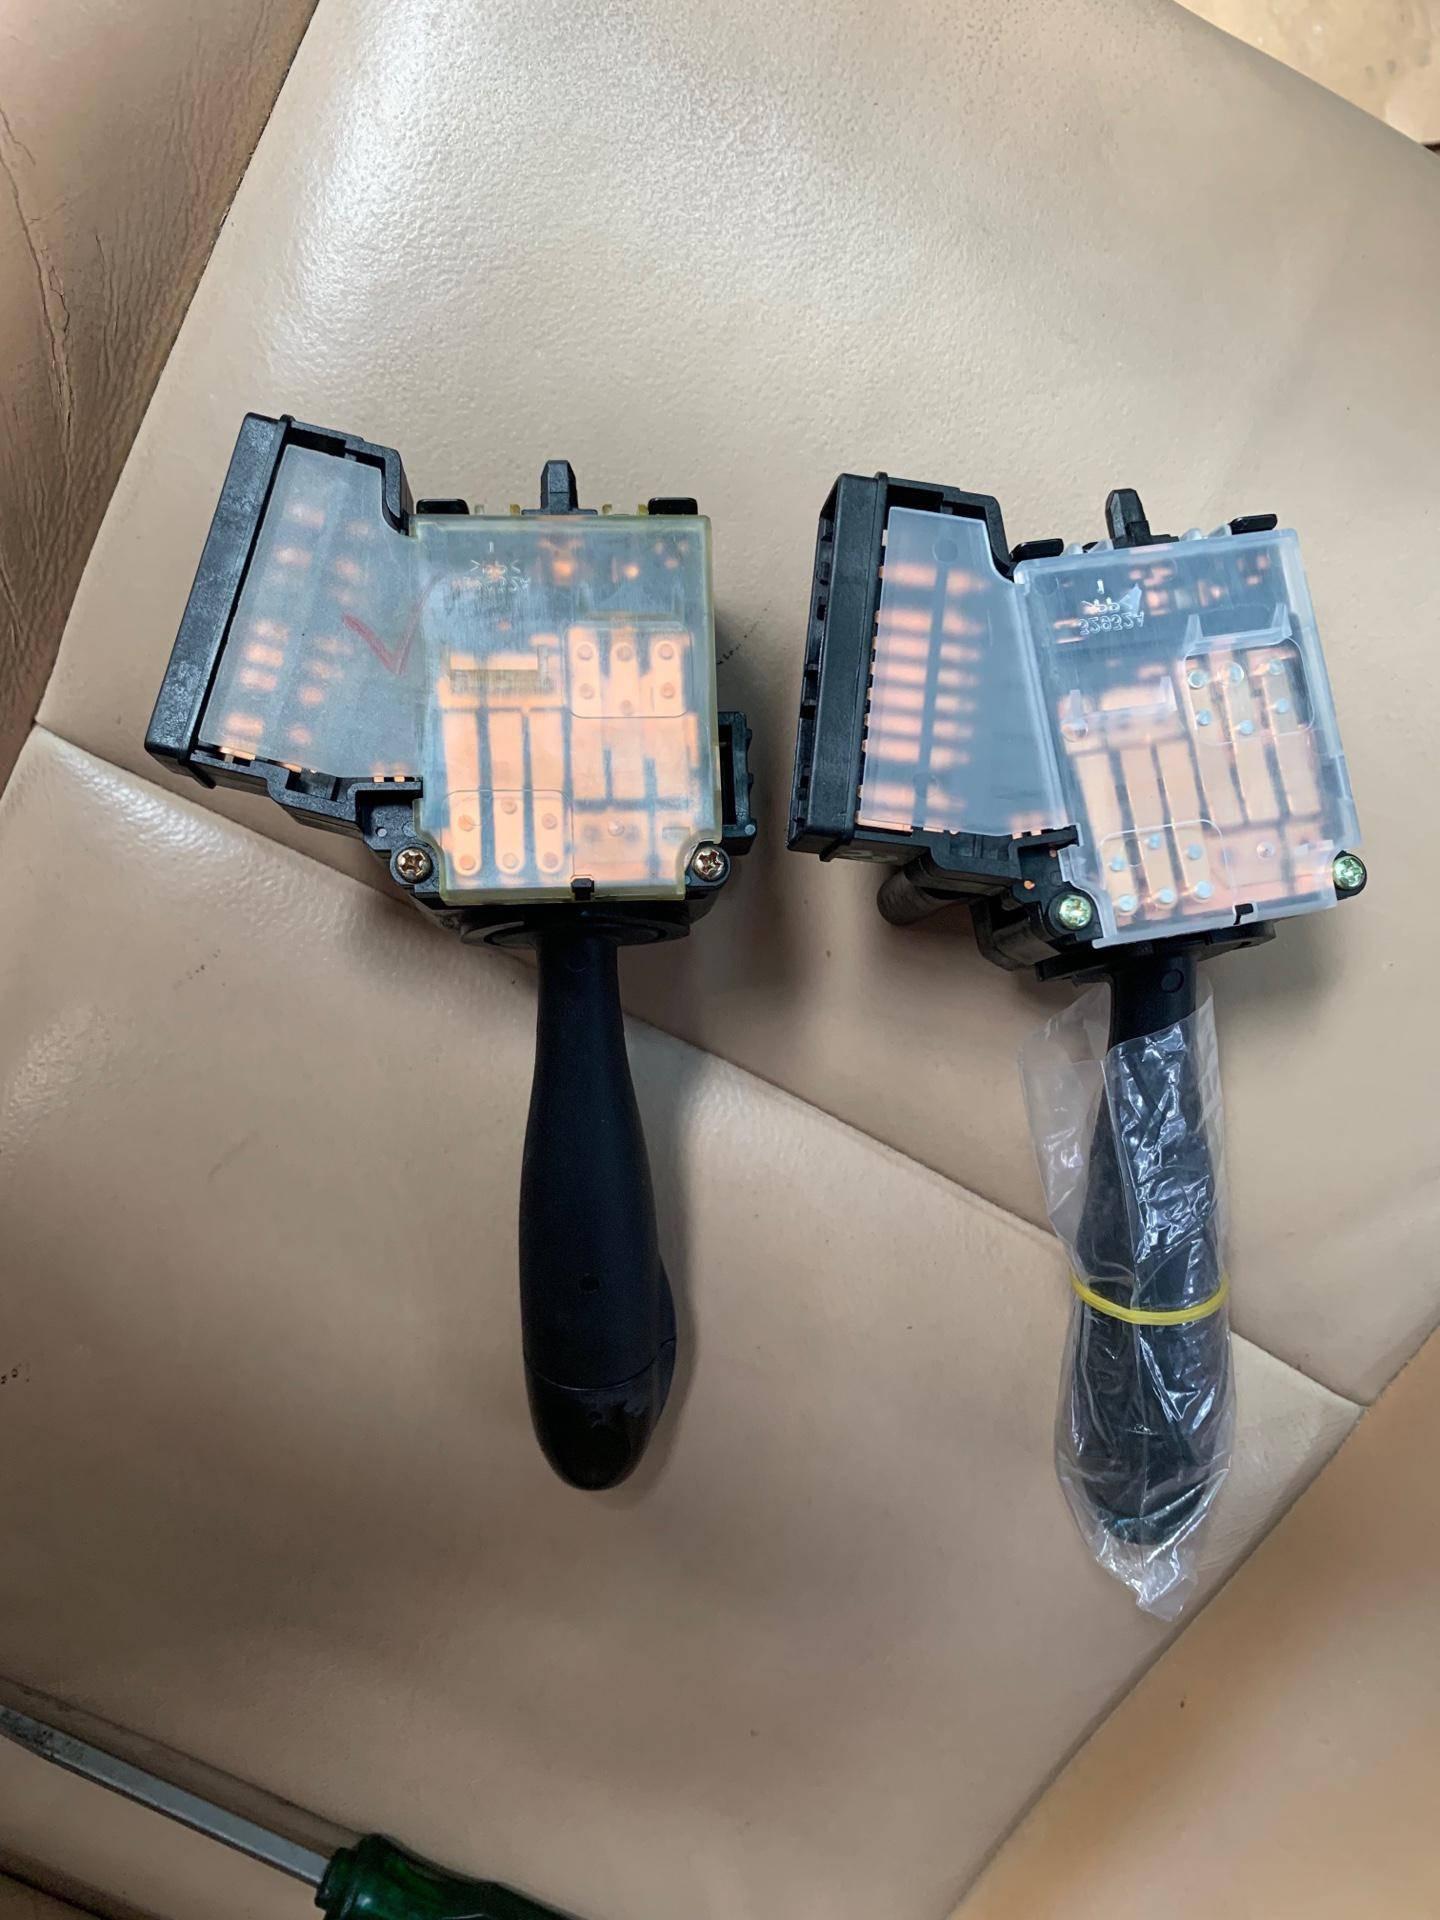 【振傑汽車】現代/Hyundai GEZE 大燈維修#大燈故障#大燈開關#大燈壞掉